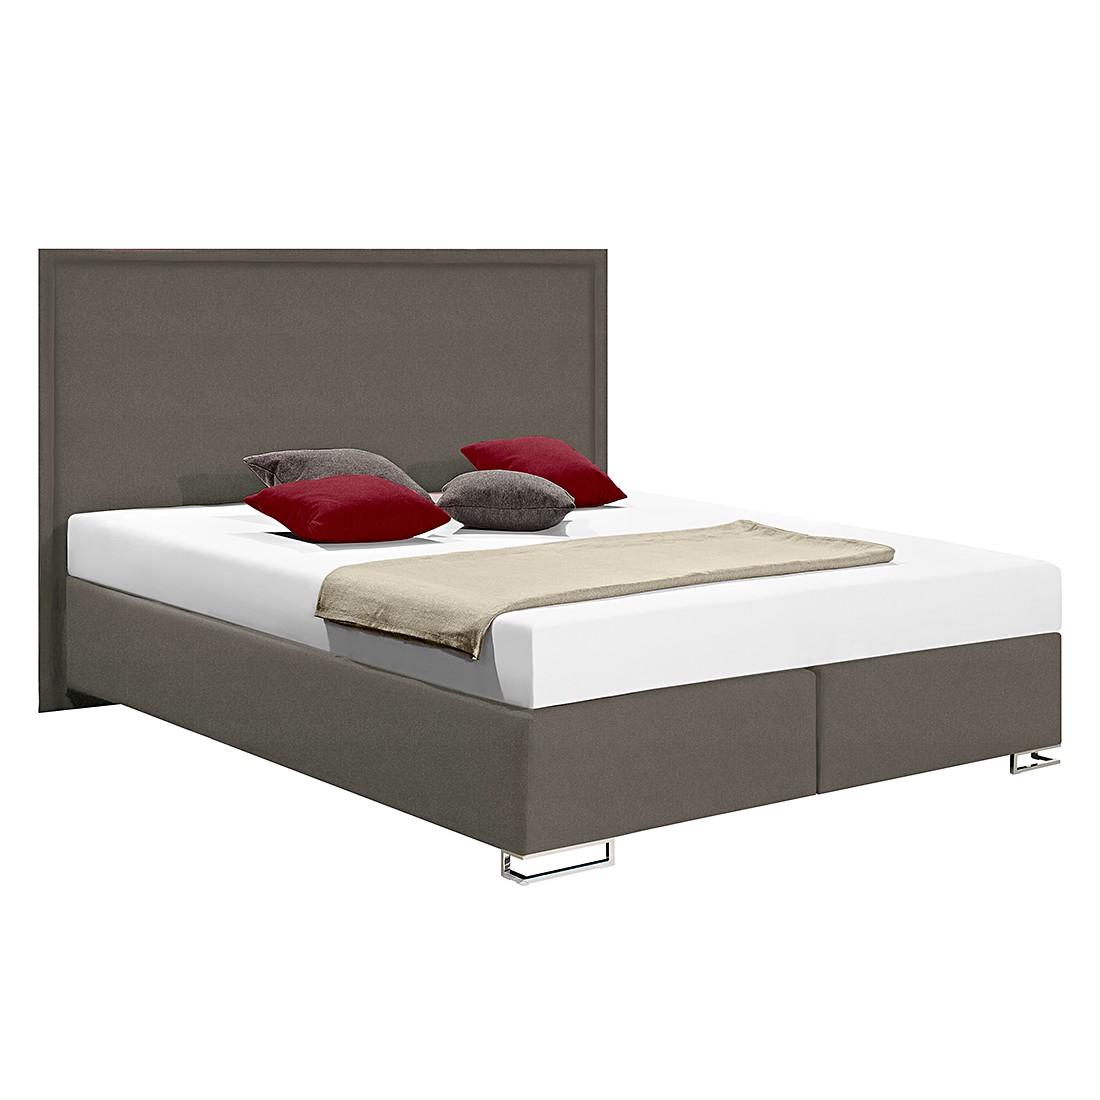 rollcontainer prinzessin lillifee wei ohne sitztopper mit platte arte m g nstig kaufen. Black Bedroom Furniture Sets. Home Design Ideas